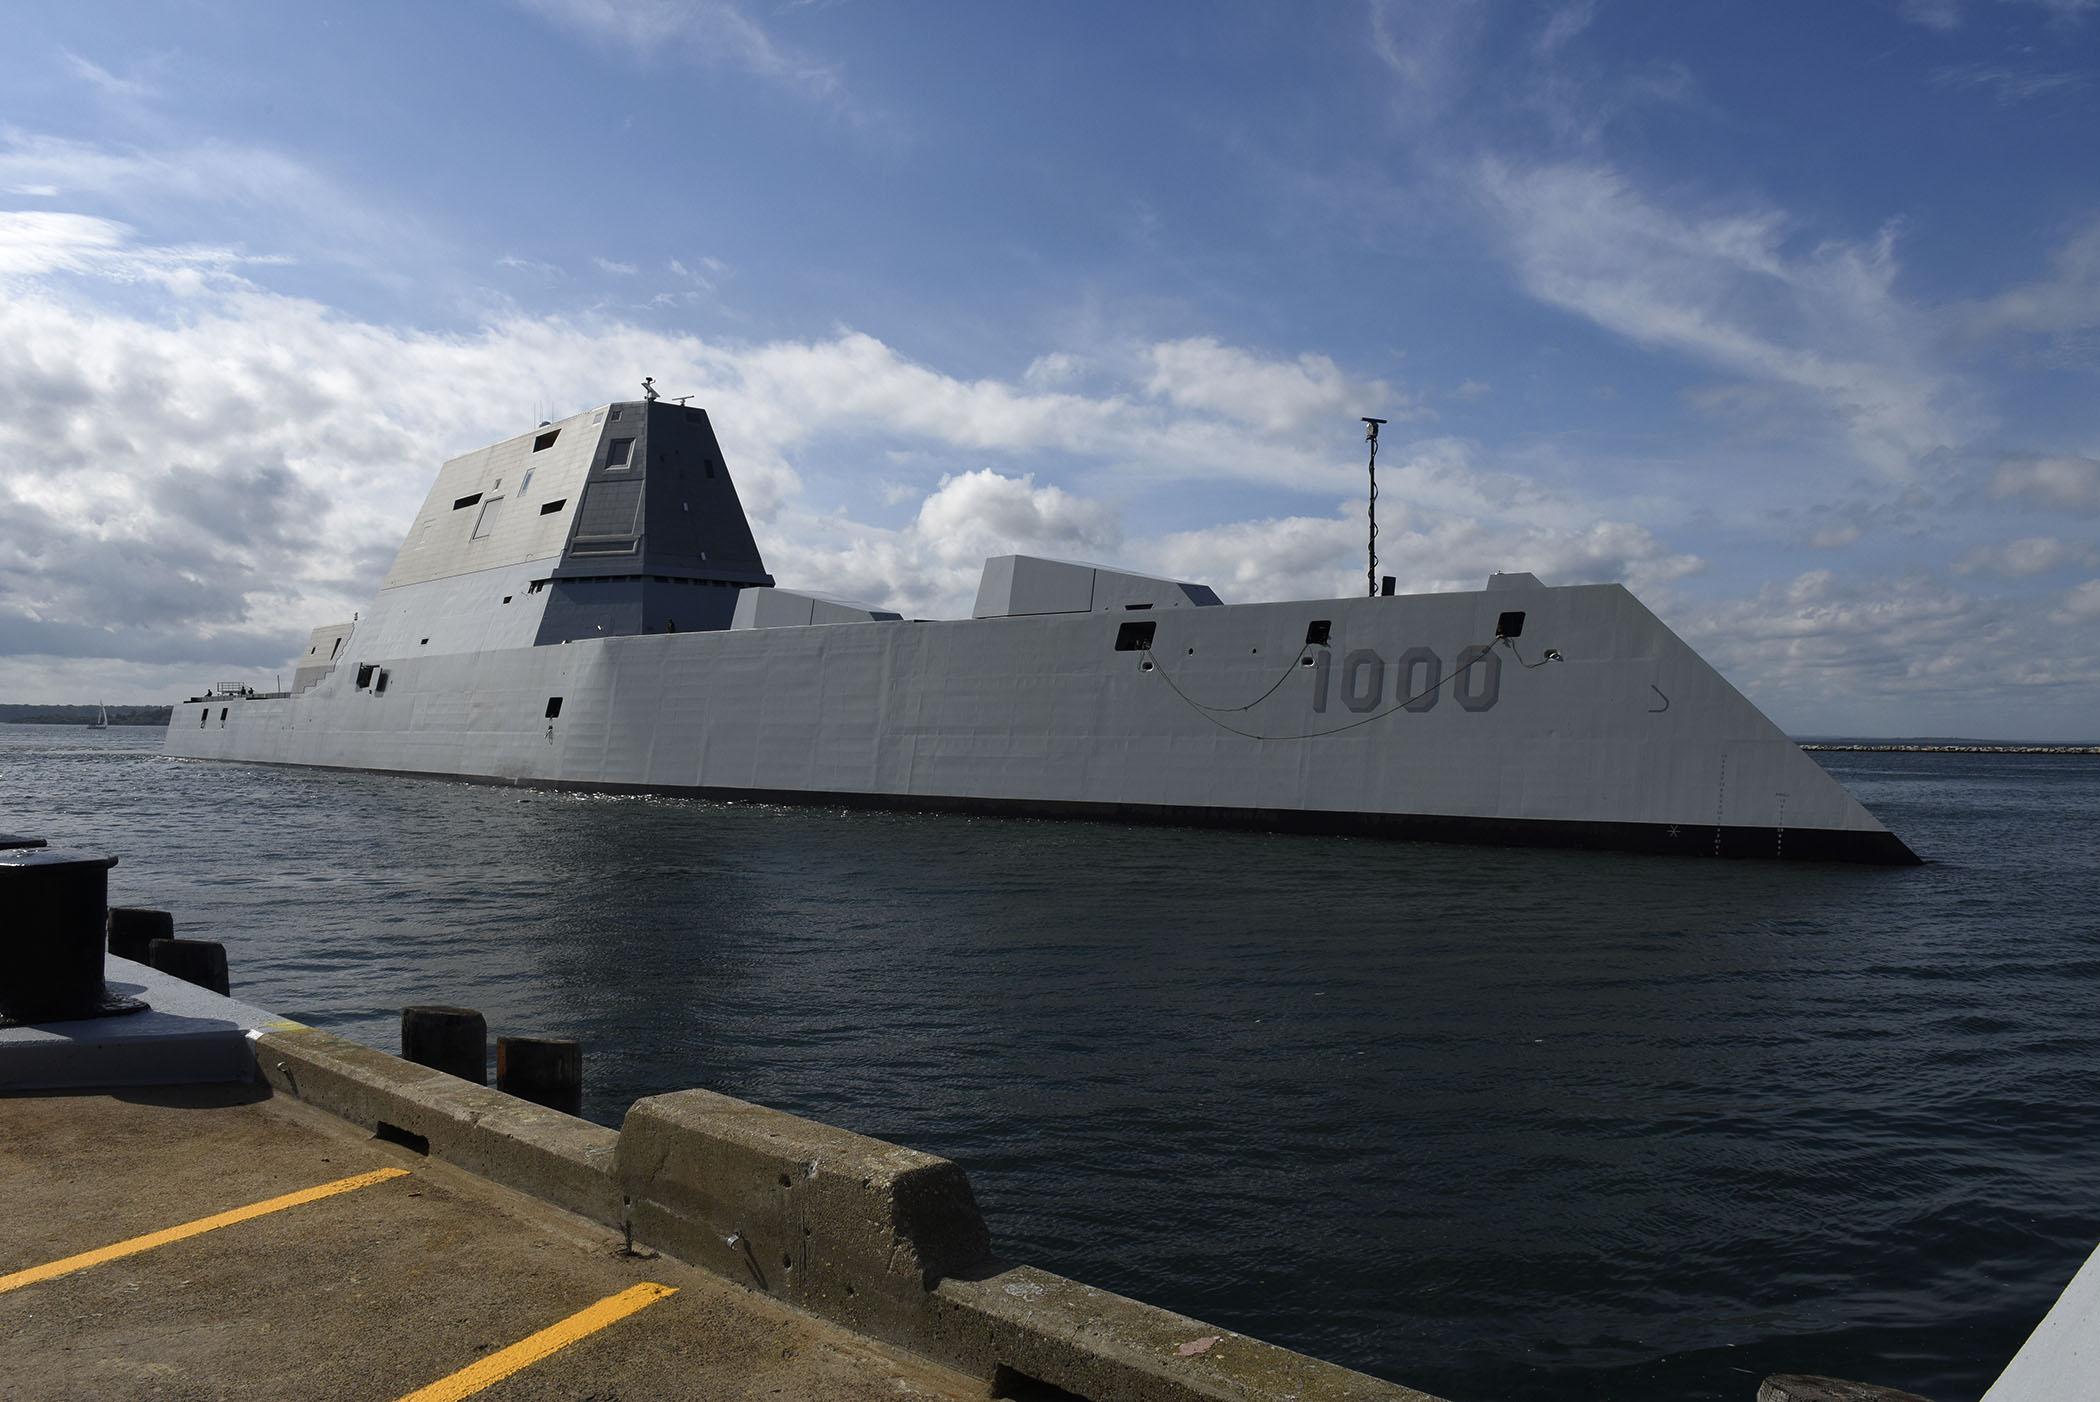 USS ZUMWALT DDG-1000 Einlaufen Newport, RI am 08.09.2016 Bild: U.S. Navy